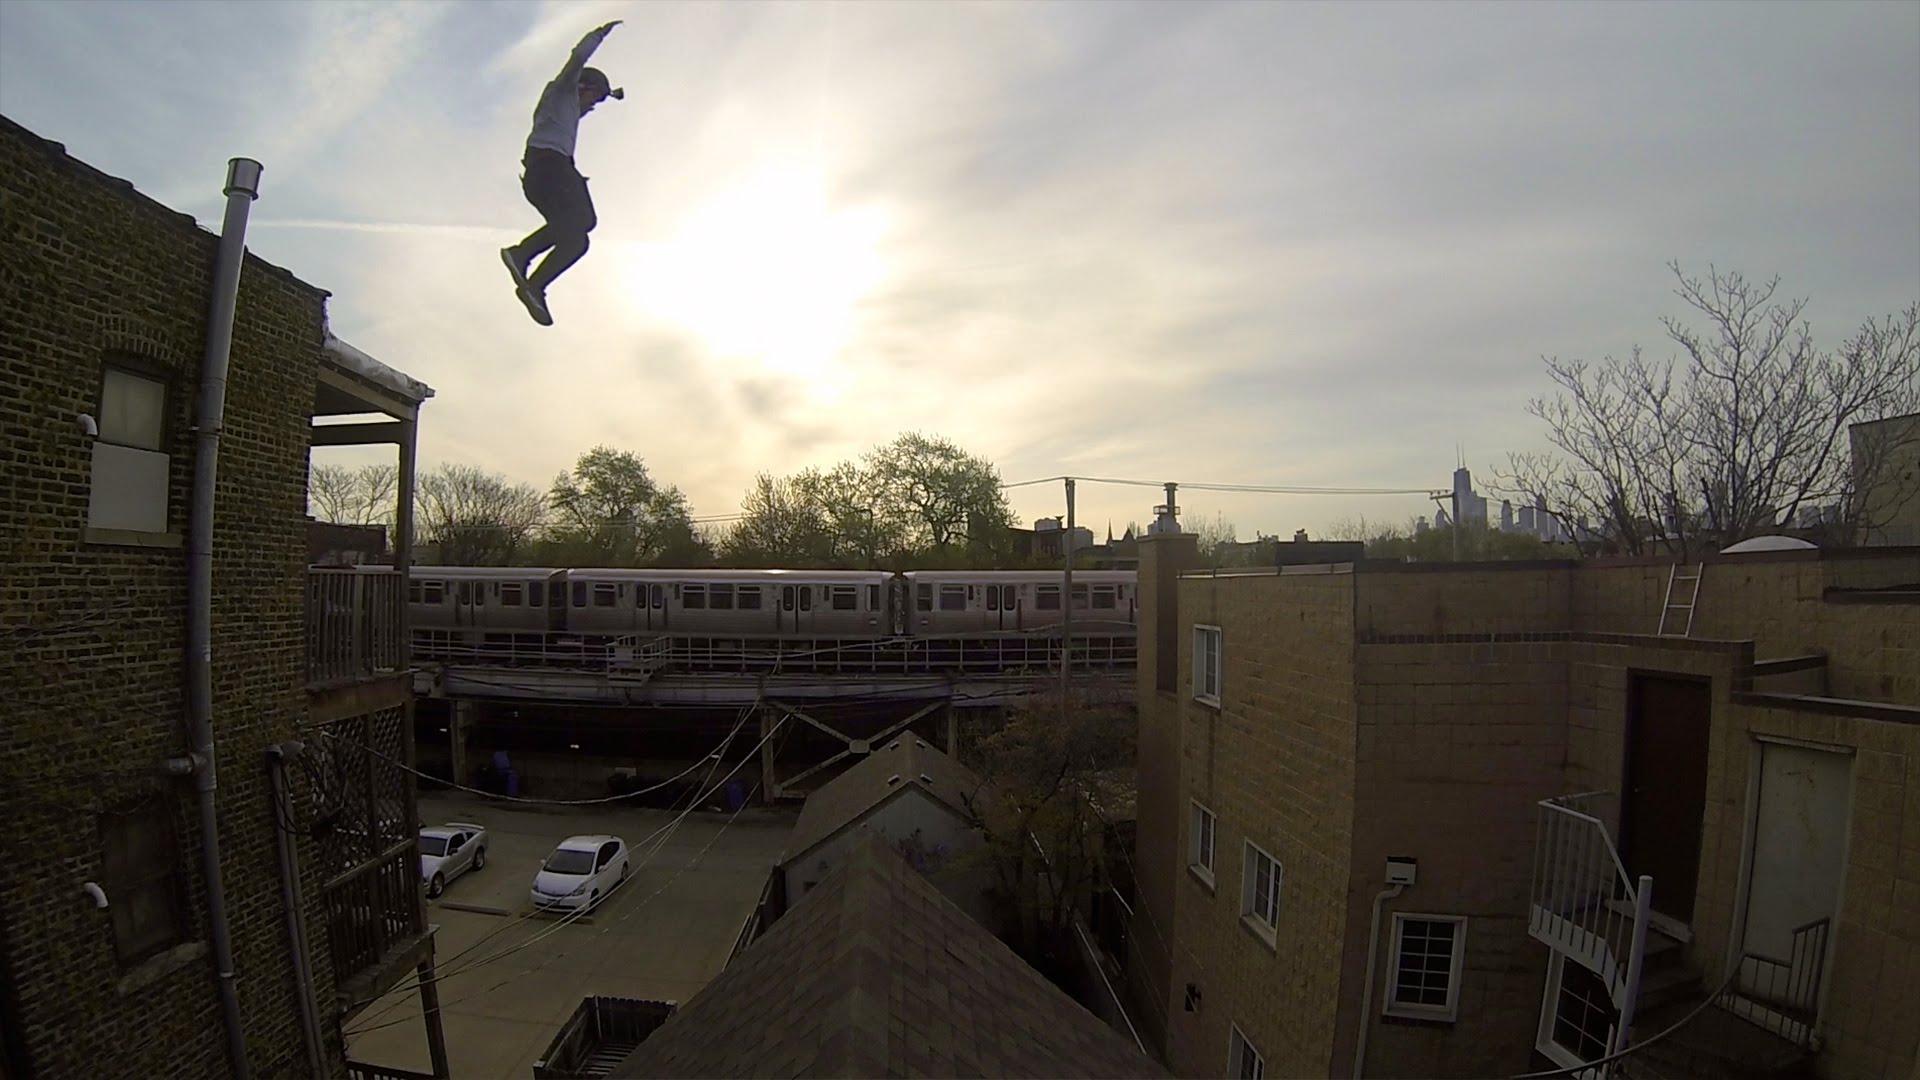 مغامر يقوم بقفزة خطيرة تحبس الأنفاس (فيديو)